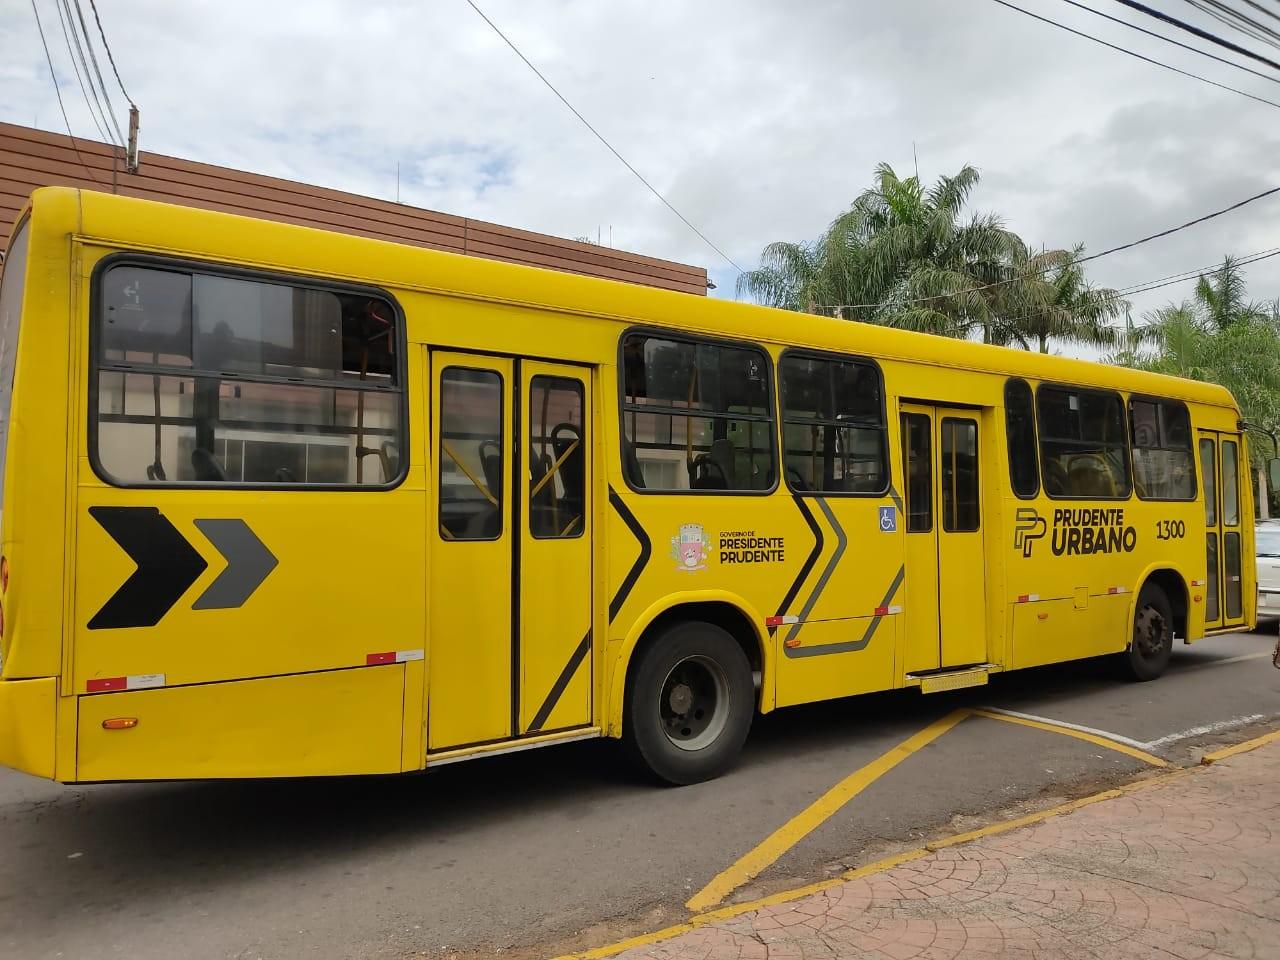 Oito horários de linhas de ônibus deixam de circular temporariamente em Presidente Prudente a partir de segunda-feira; veja LISTA